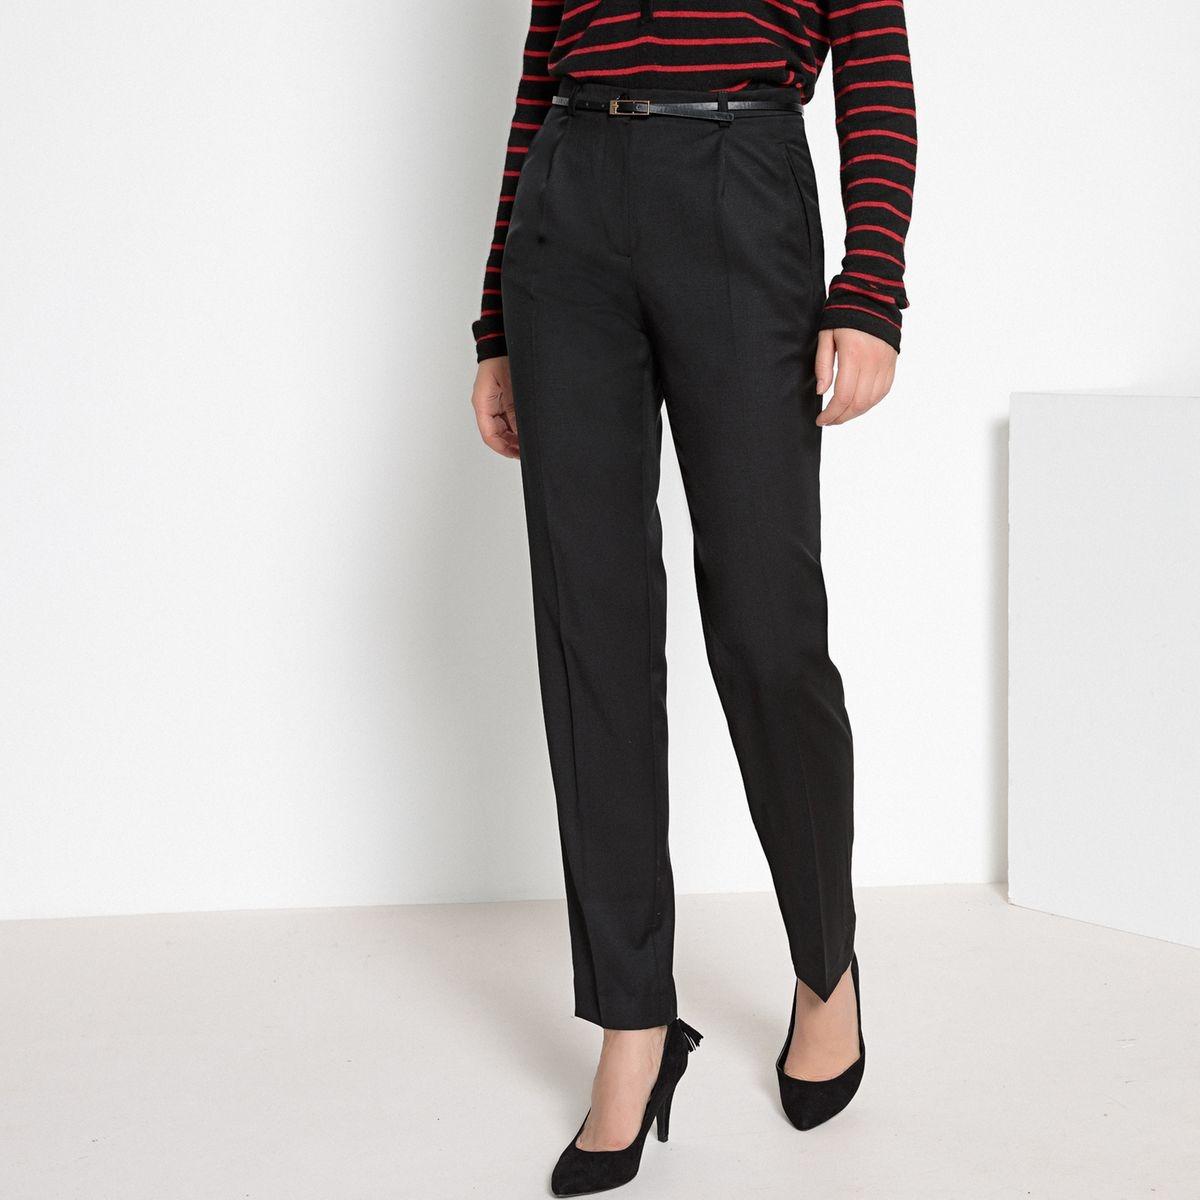 c9114e126a57e 5,95 €. Pantalon droit fuselé 98 laine